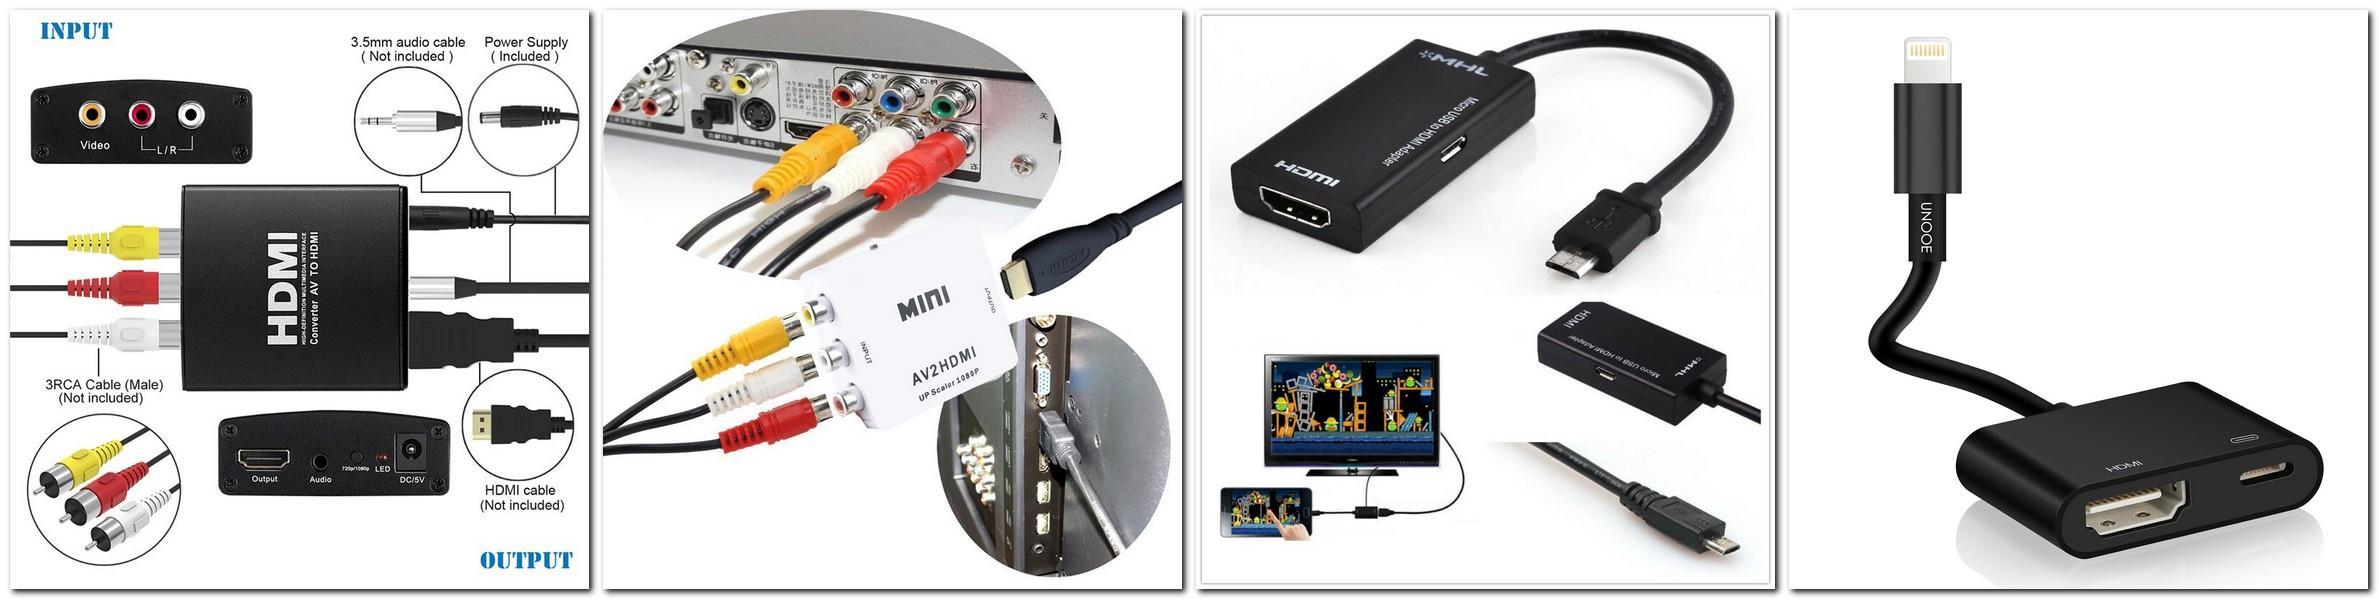 10 способов подключить смартфон к телевизору: через кабель и без него